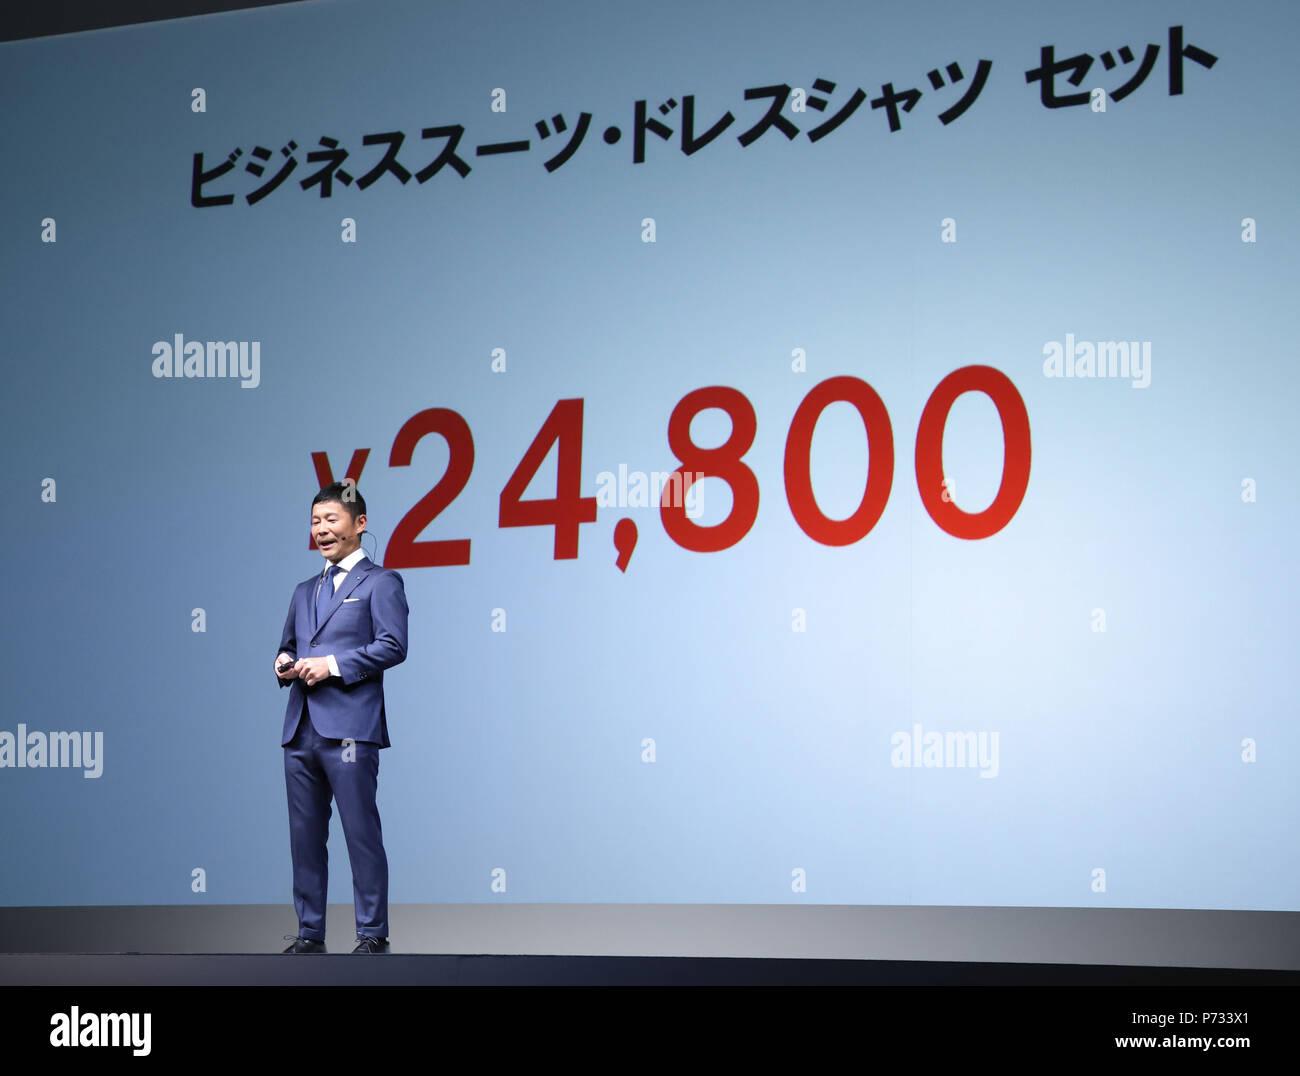 Tokyo, Japan  3rd July, 2018  Japan's online fashion website